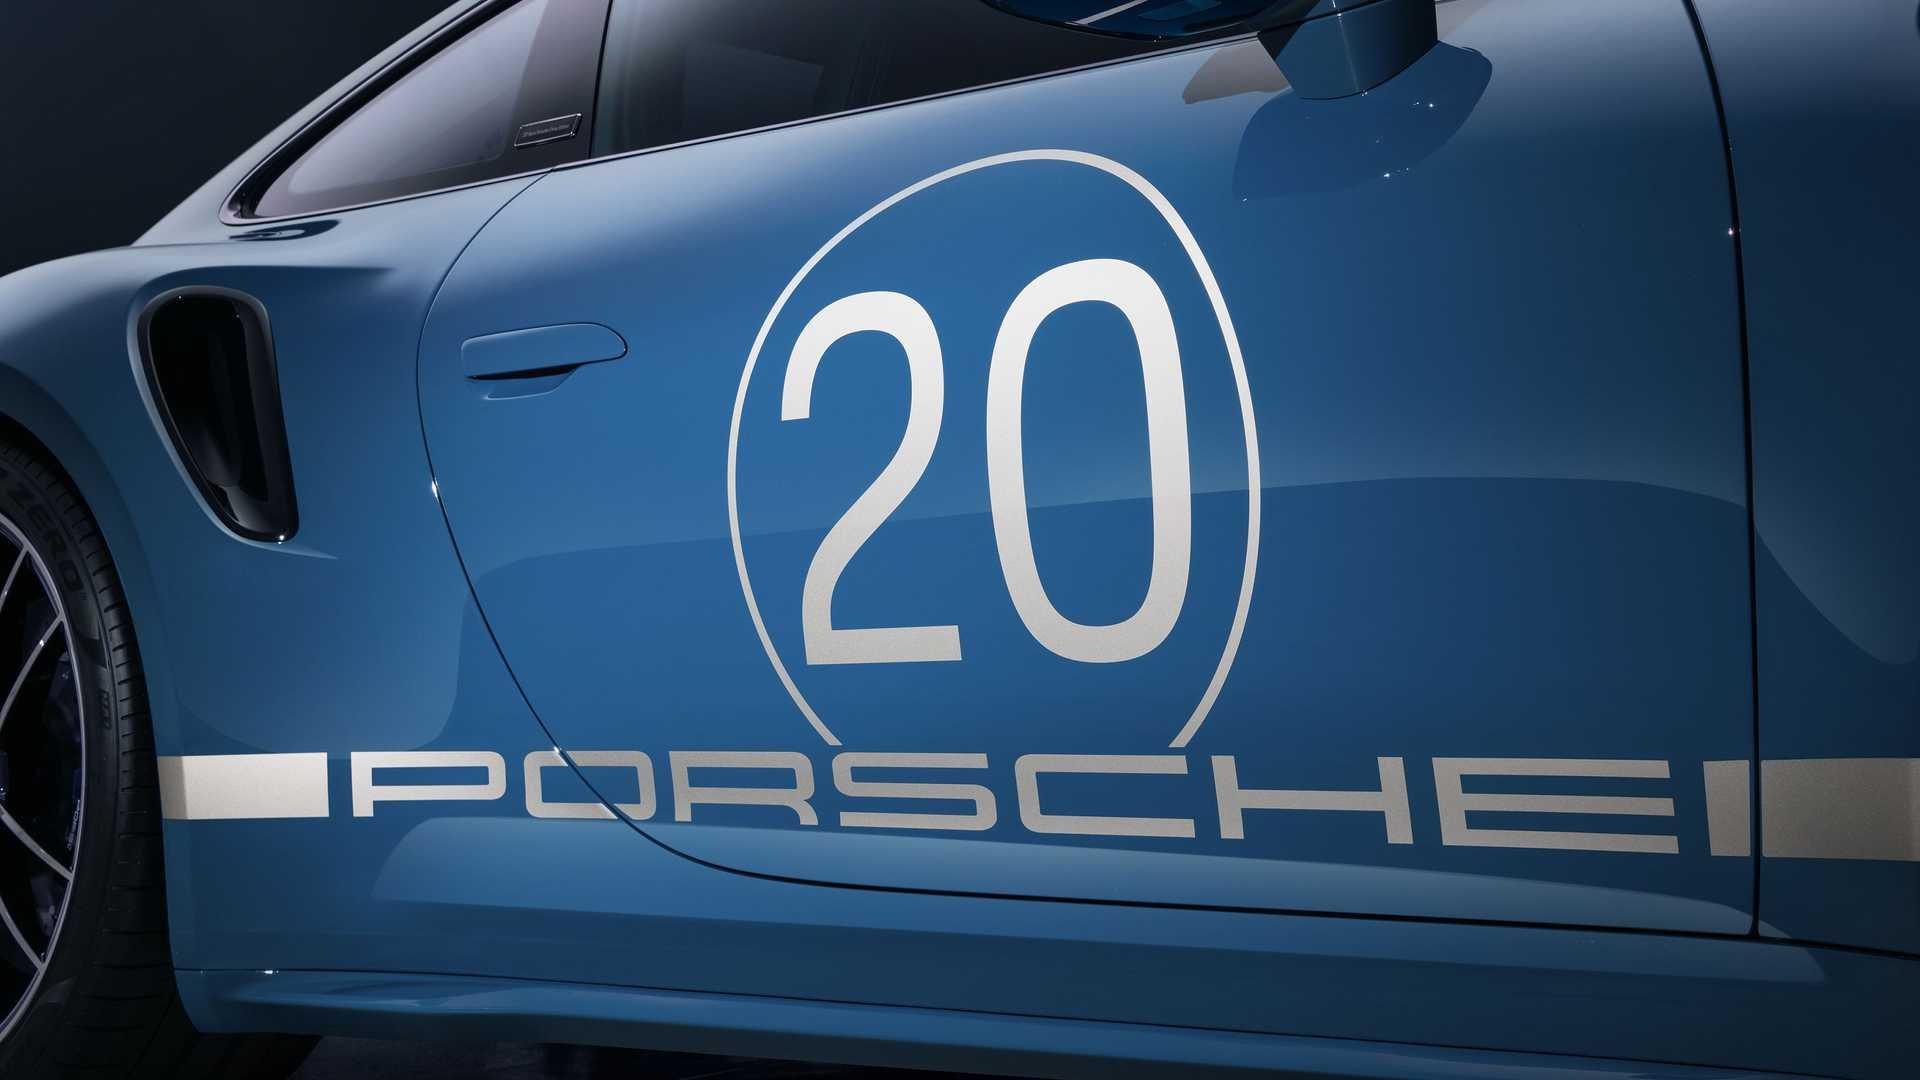 Porsche-911-Turbo-S-20th-Anniversary-Edition-14